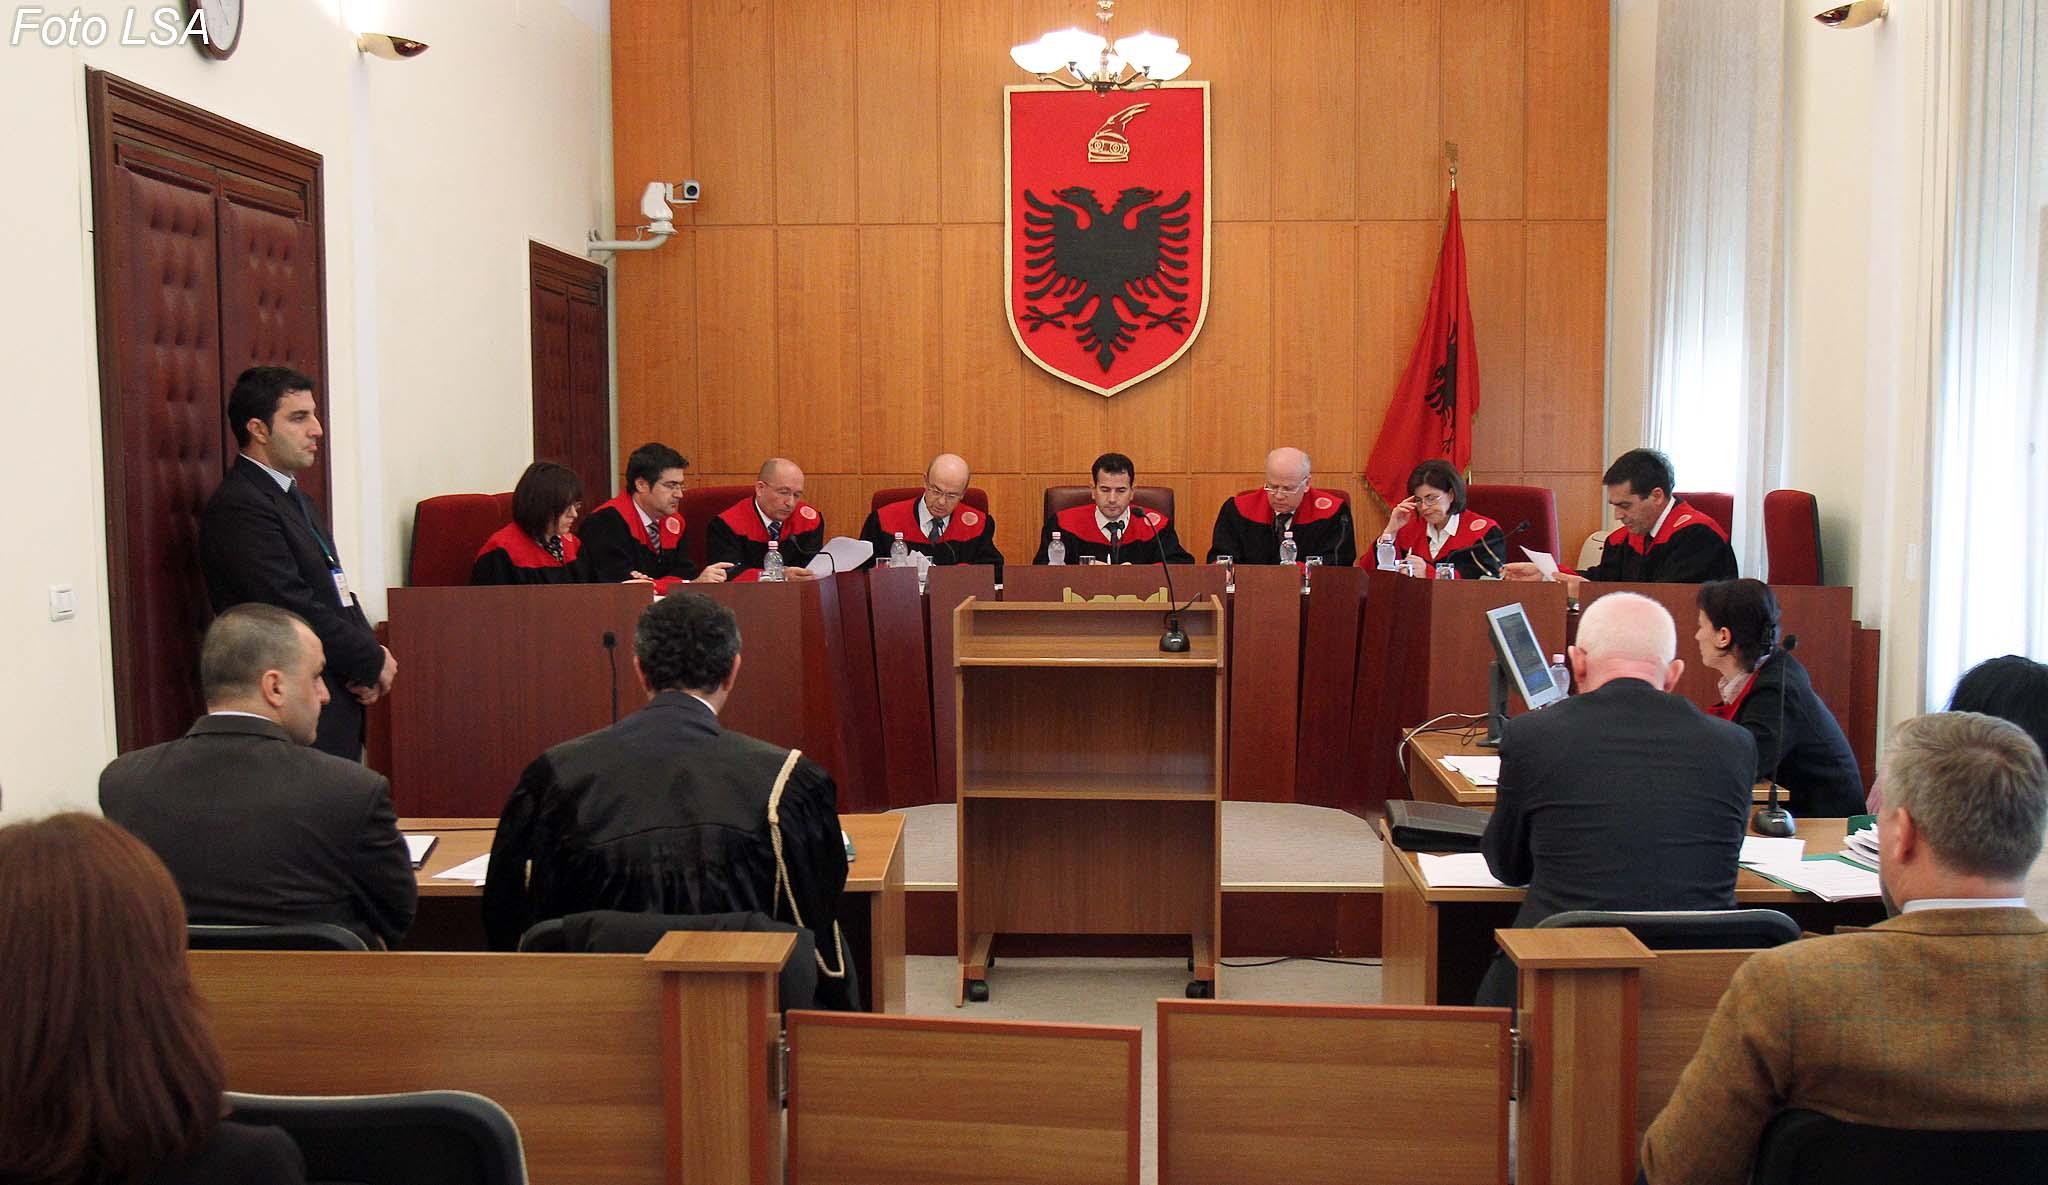 Kryetari i Gjykates Kushtetuese Bashkim Dedja, anetaret Petrit Plloci, Vladimir Kristo, Altina Hoxhaj, Fatmir Hoxha,  Admir Thanza, Xhezair Zaganjori dhe Vitore Tusha, gjate nje seance gjyqesore ne Gjykaten Kushtetuese, ku nuk eshte marre parasysh nje kerkese e PS, per pezullimin e prishjes se Piramides.